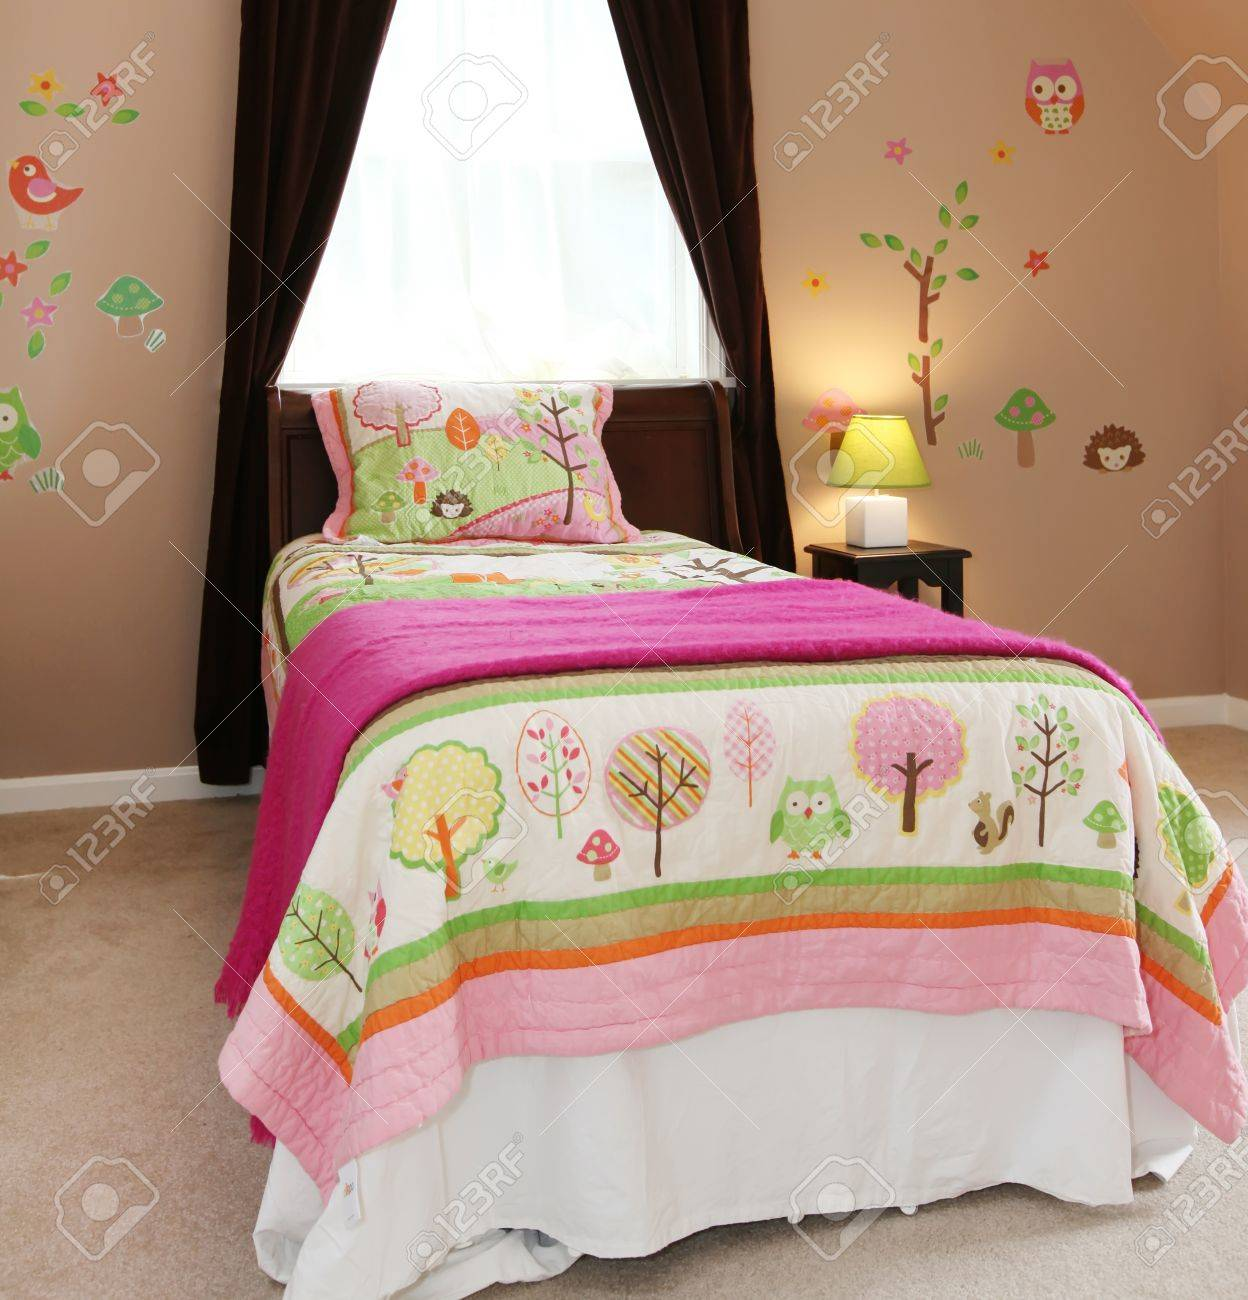 Baby Girl Kinder Schlafzimmer Interieur Mit Rosa Bett Und Braunen ...